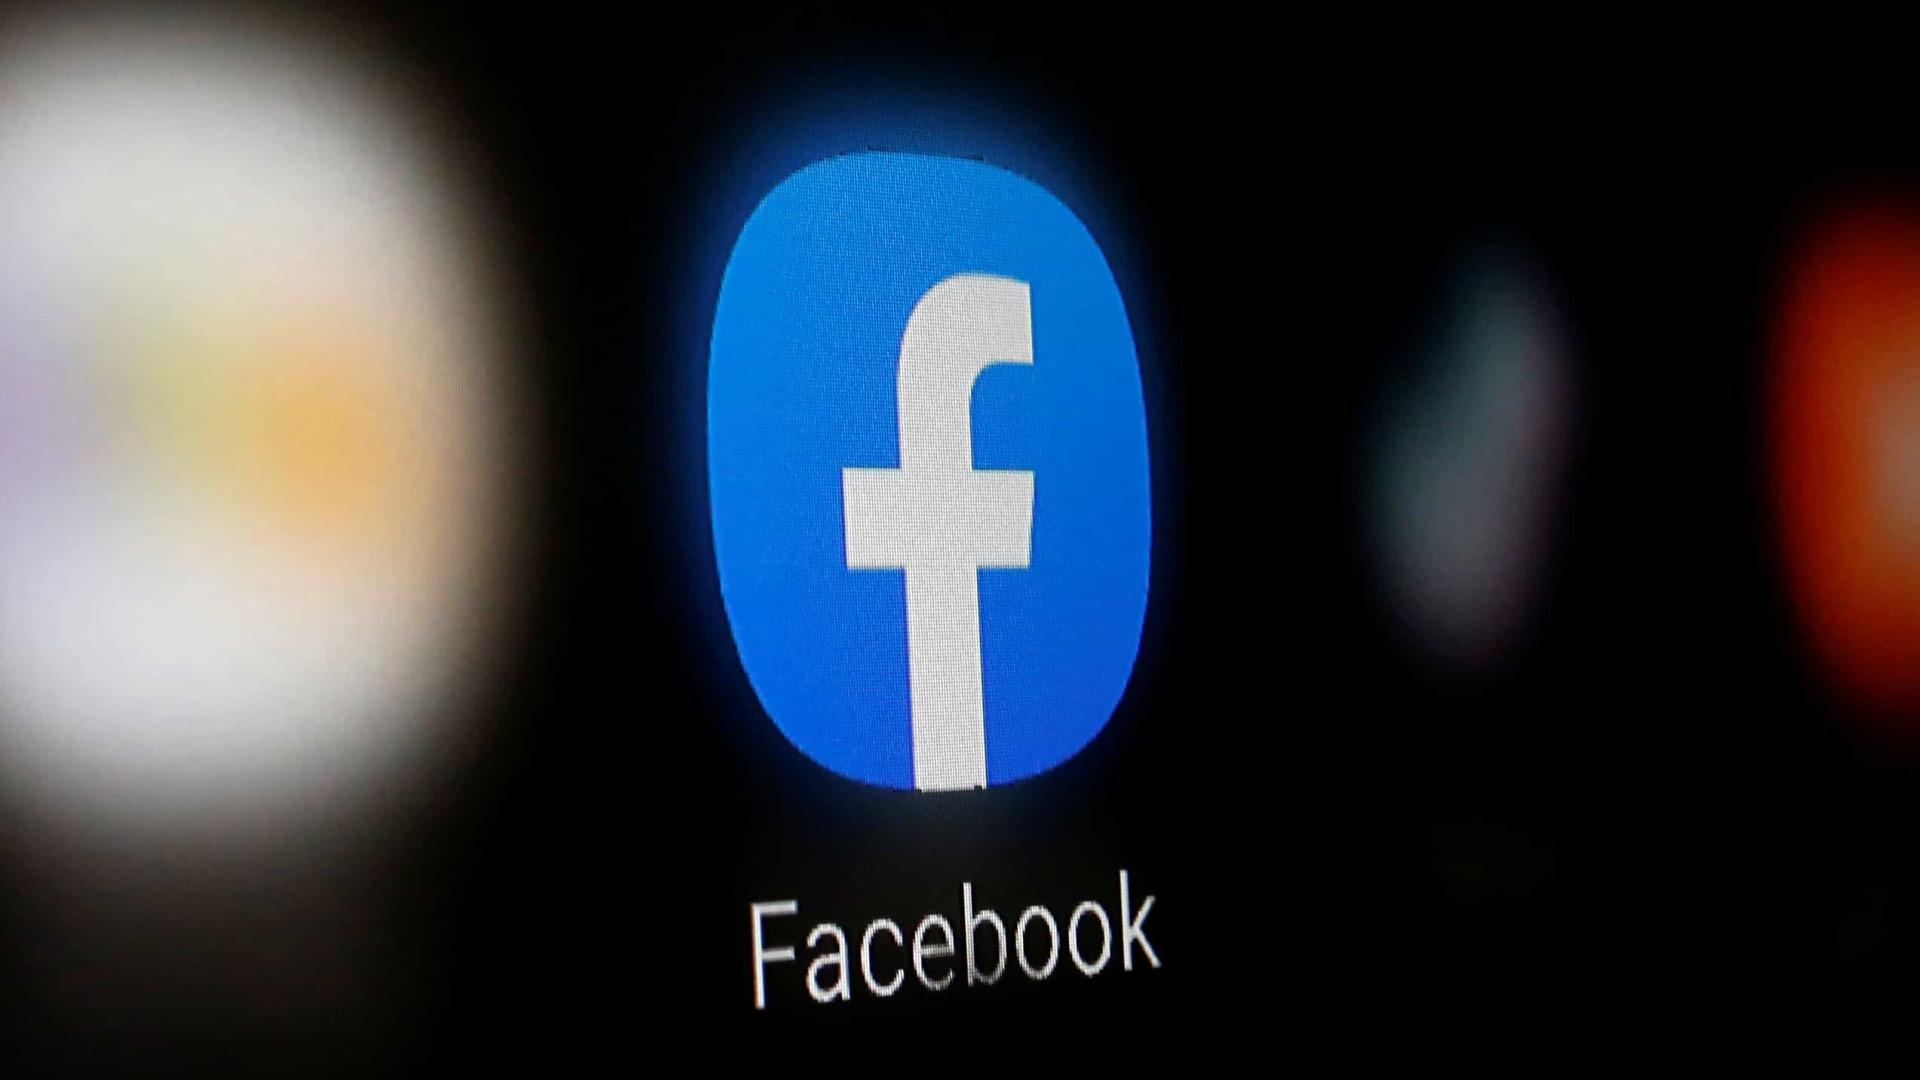 Facebook 'declara guerra' contra desinformação em grupos da rede social